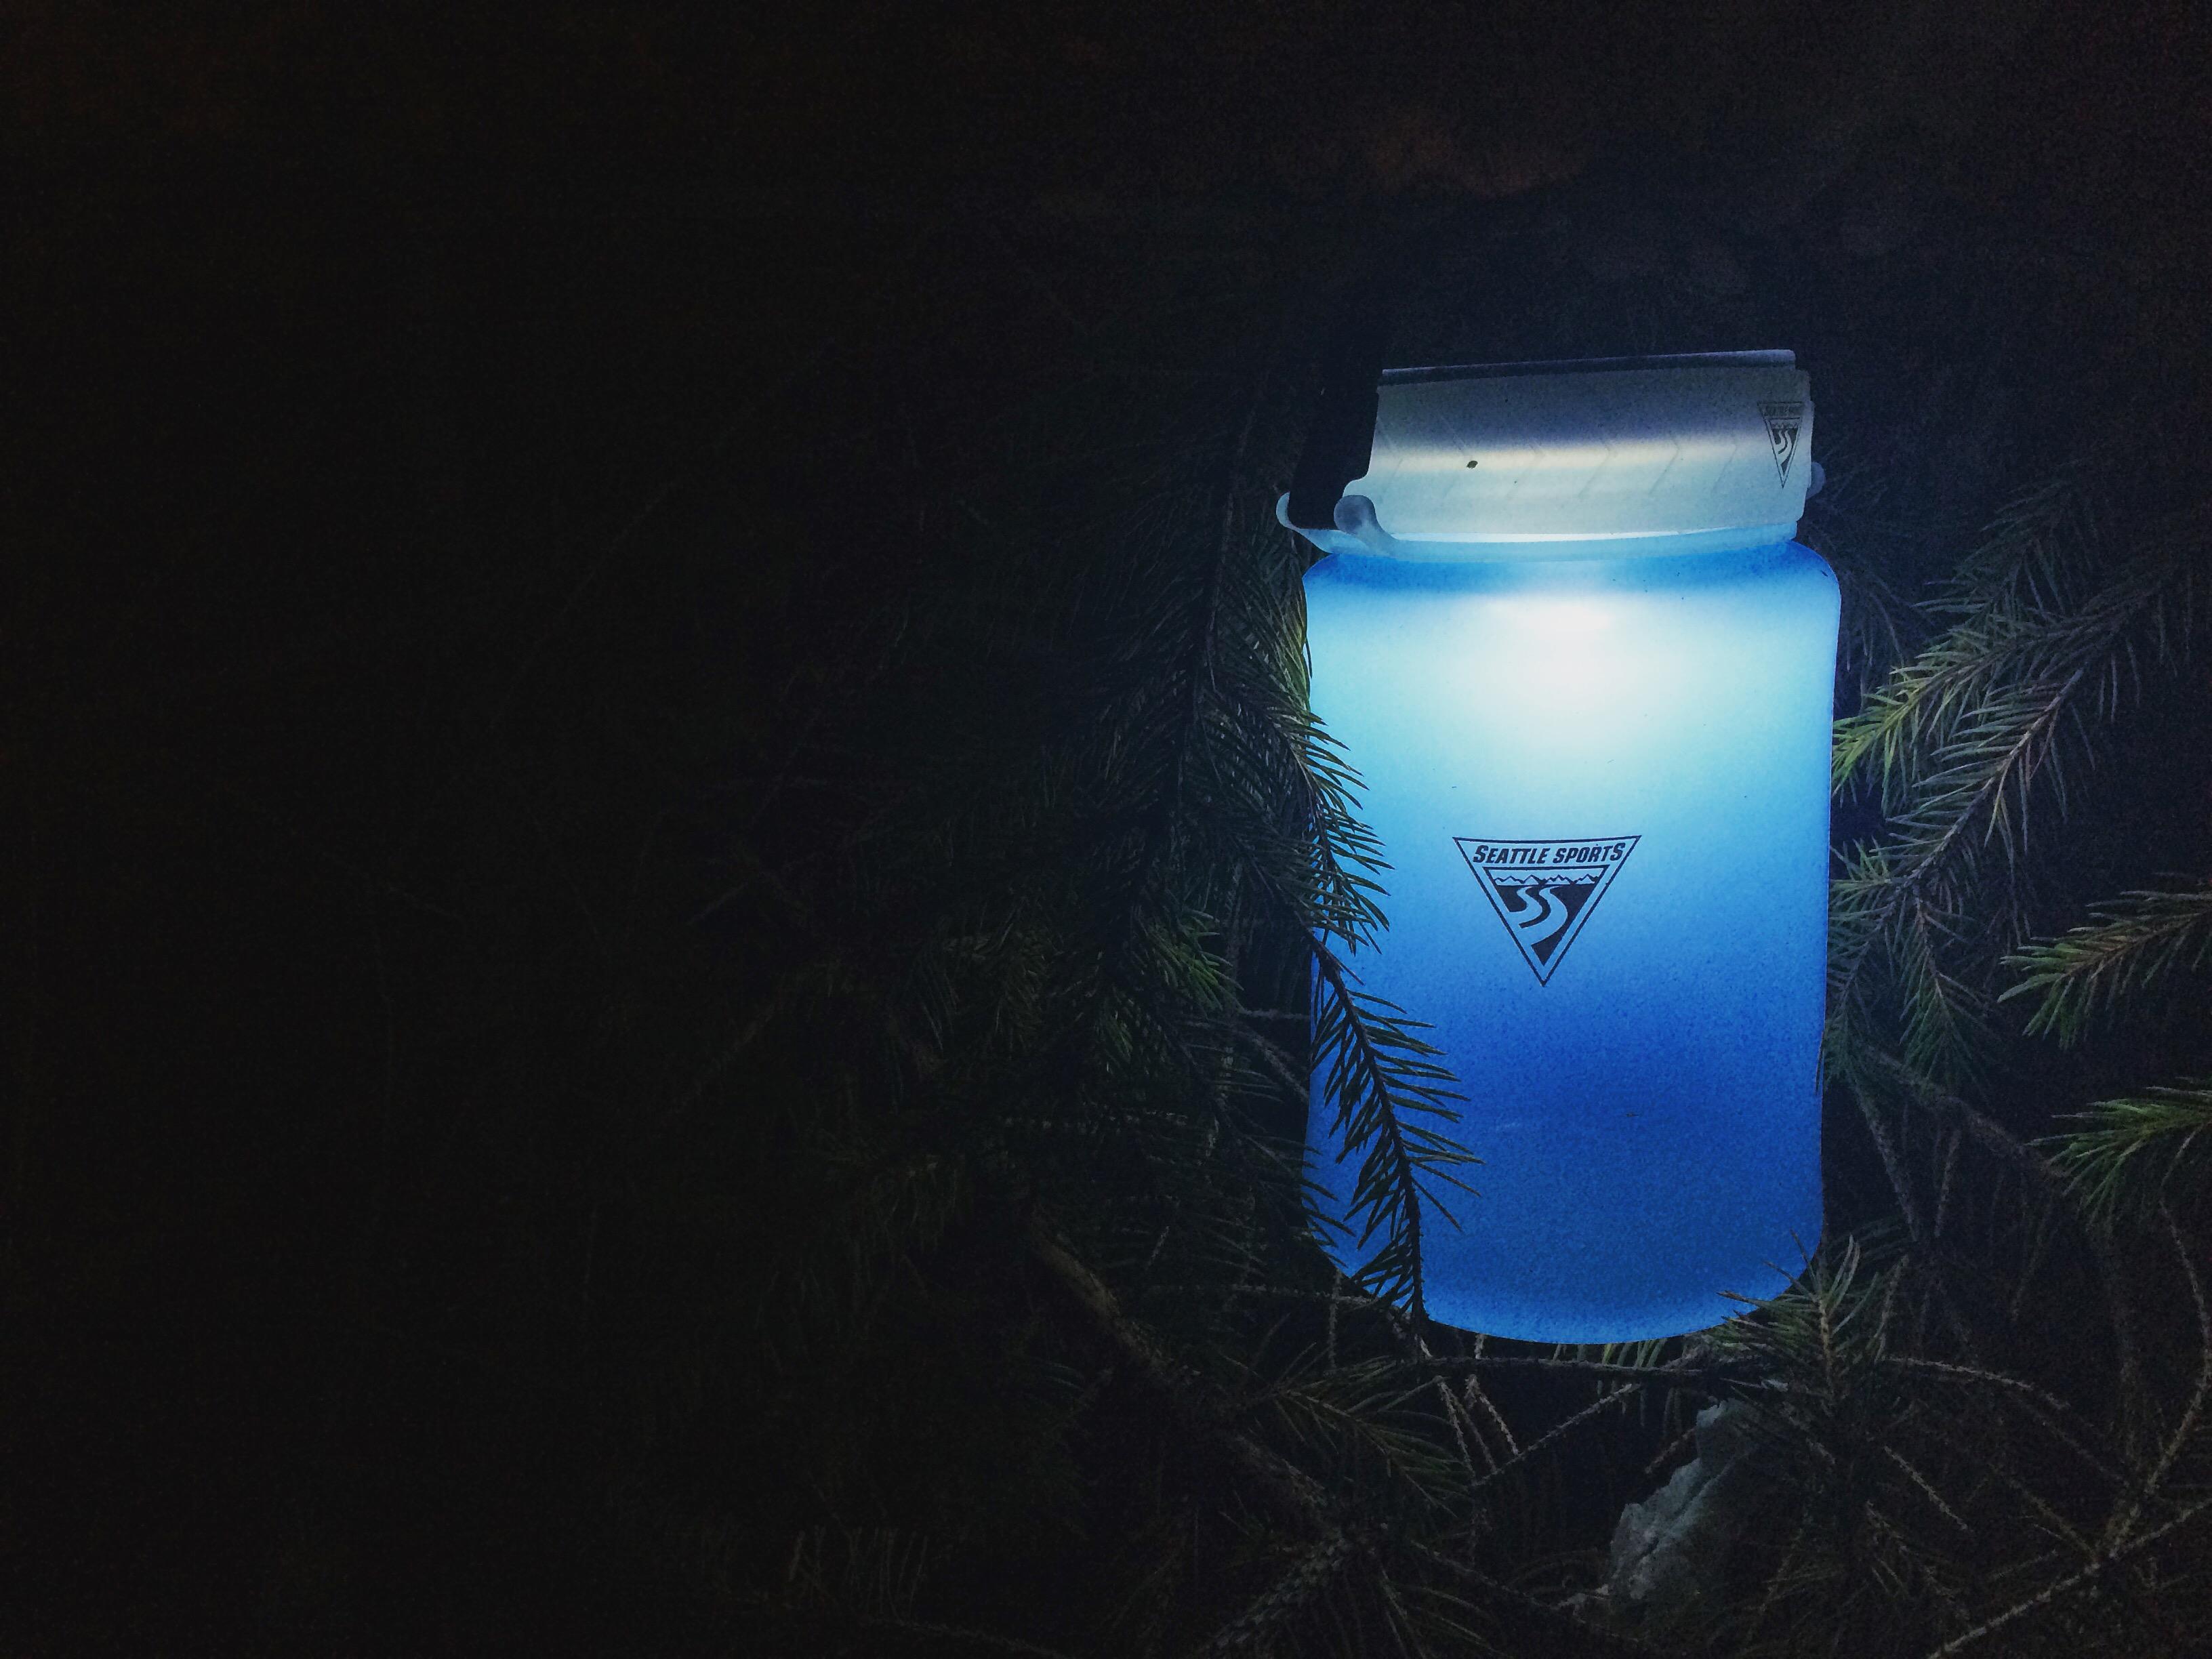 Seattle Sports Firewater water bottle